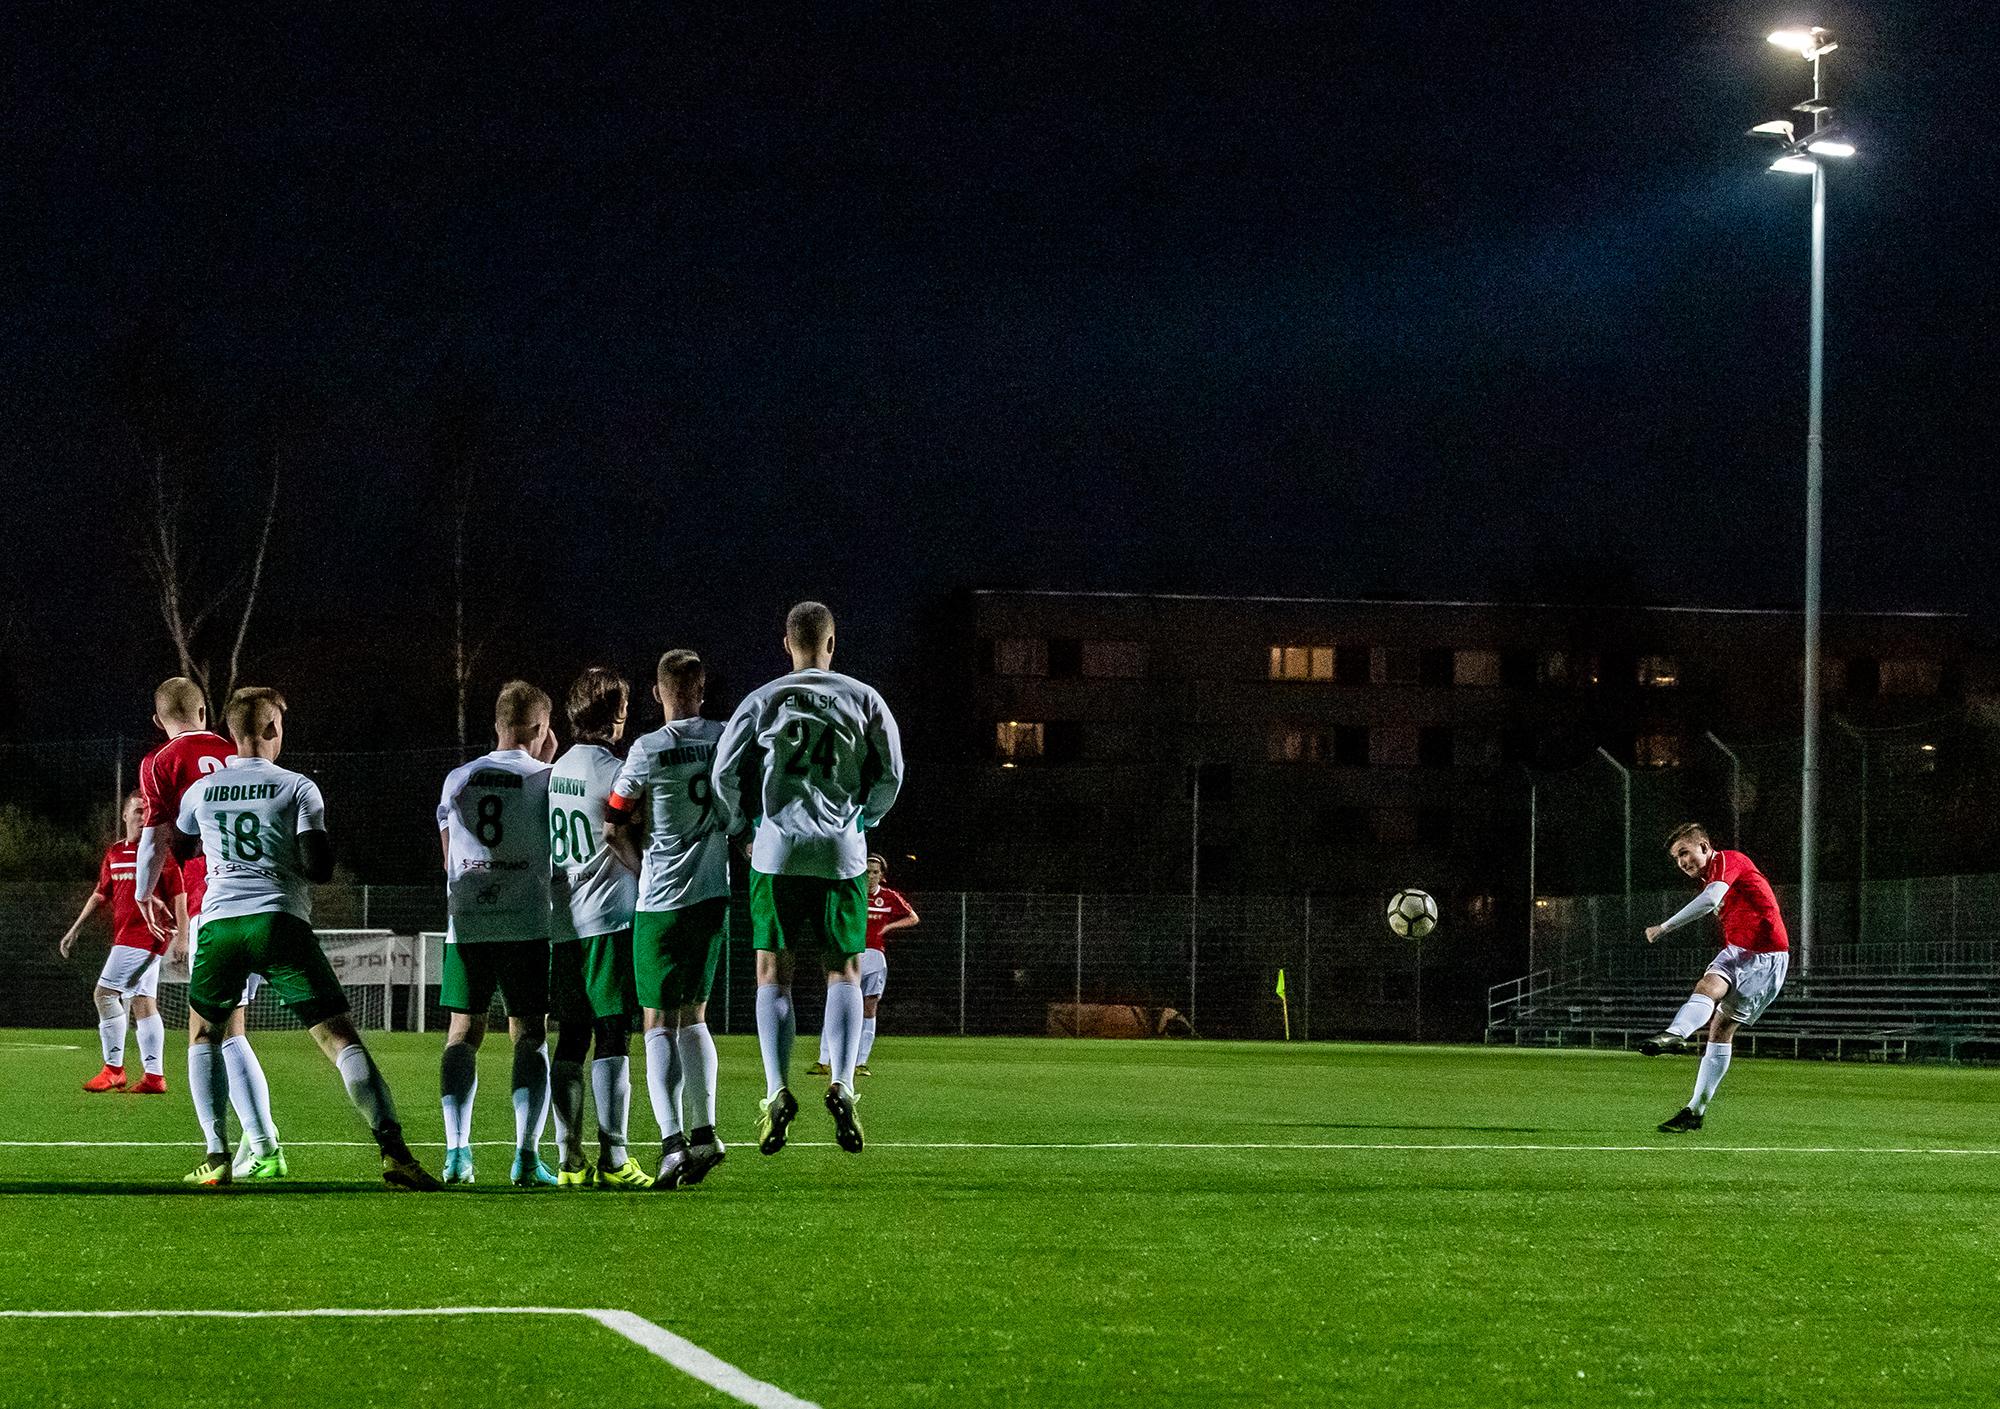 Rahvaliigas alustanud FC Zapoos sihib nüüd ristnurki juba kolmandas liigas. Foto: Joakim Klementi